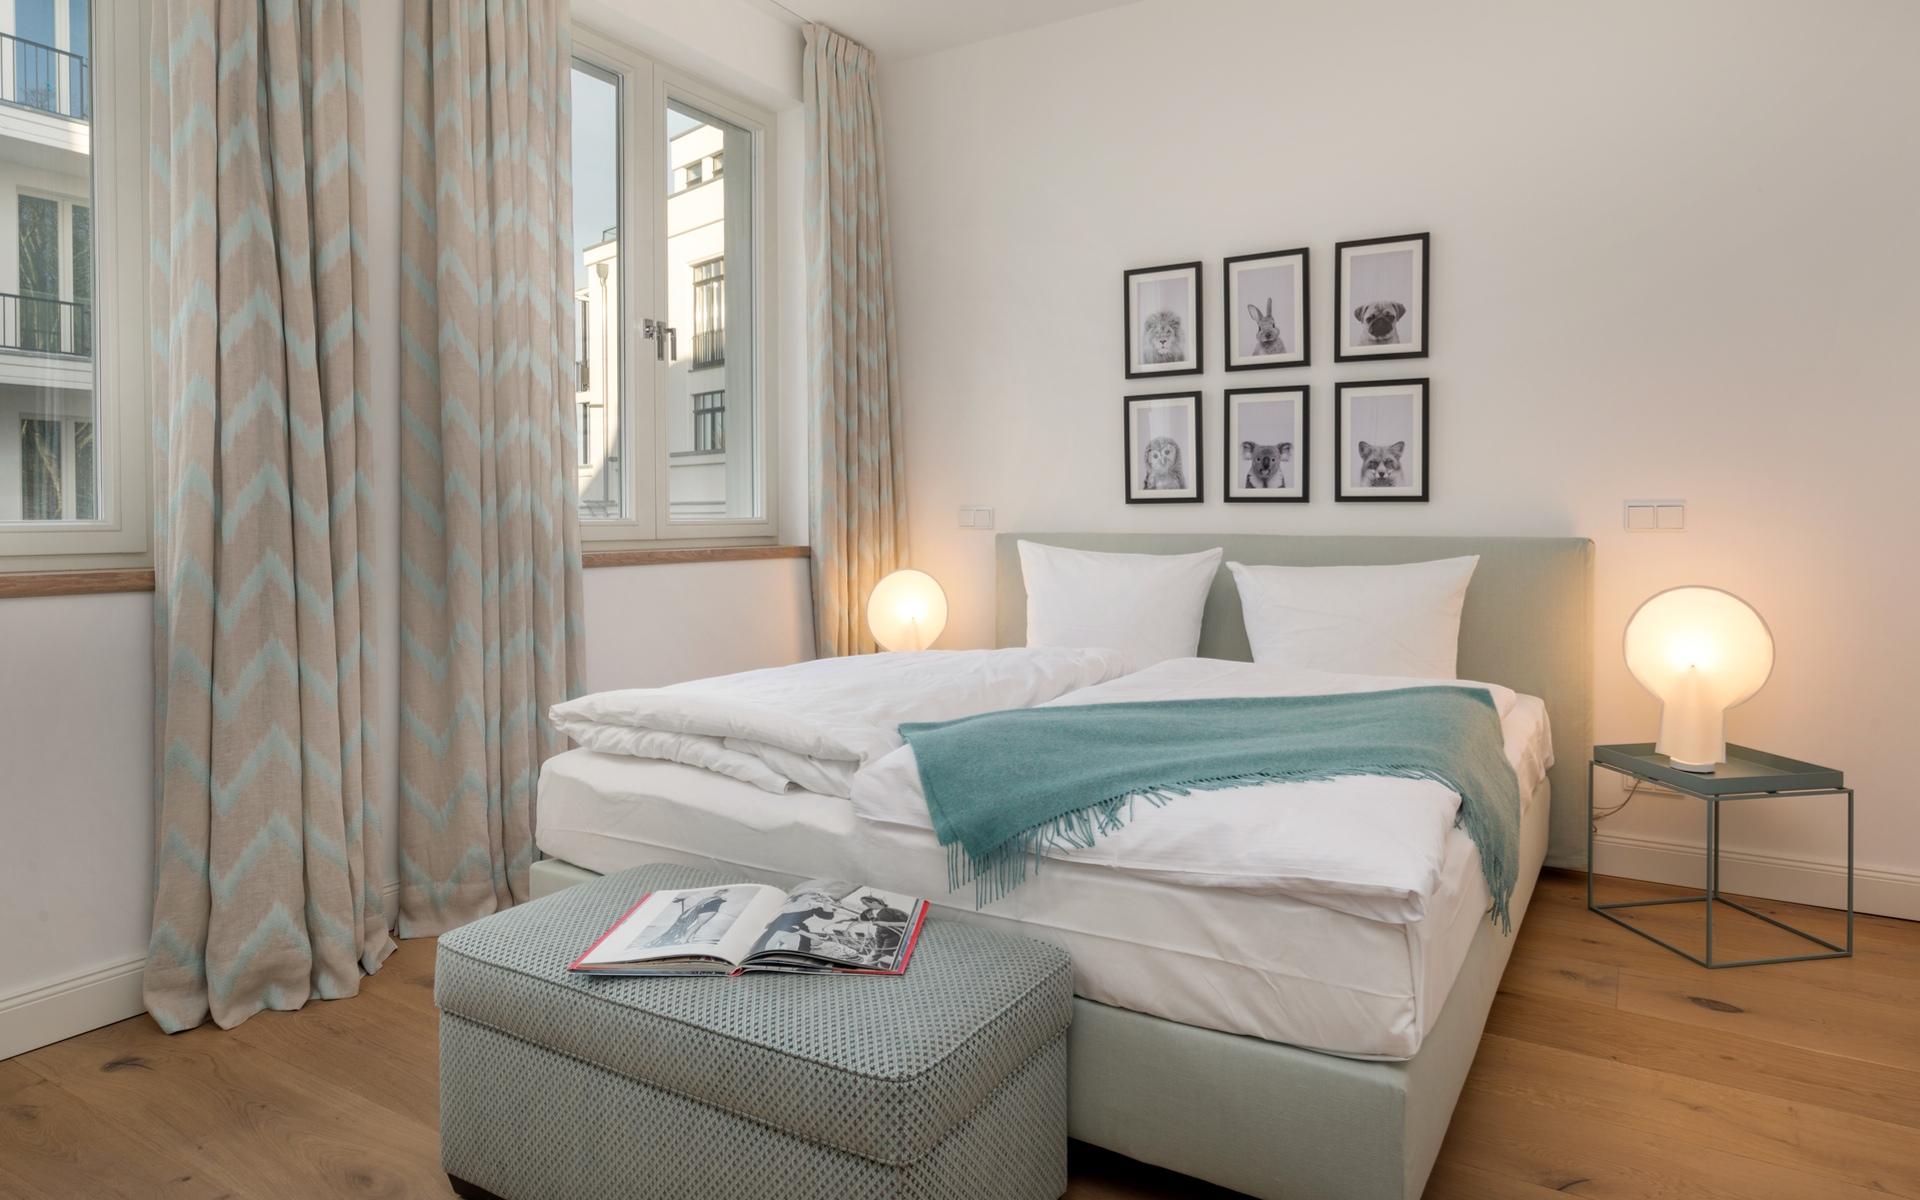 Hans G. Bock richtet auch Ferienhäuser ein: Schlafzimmer zum Träumen.